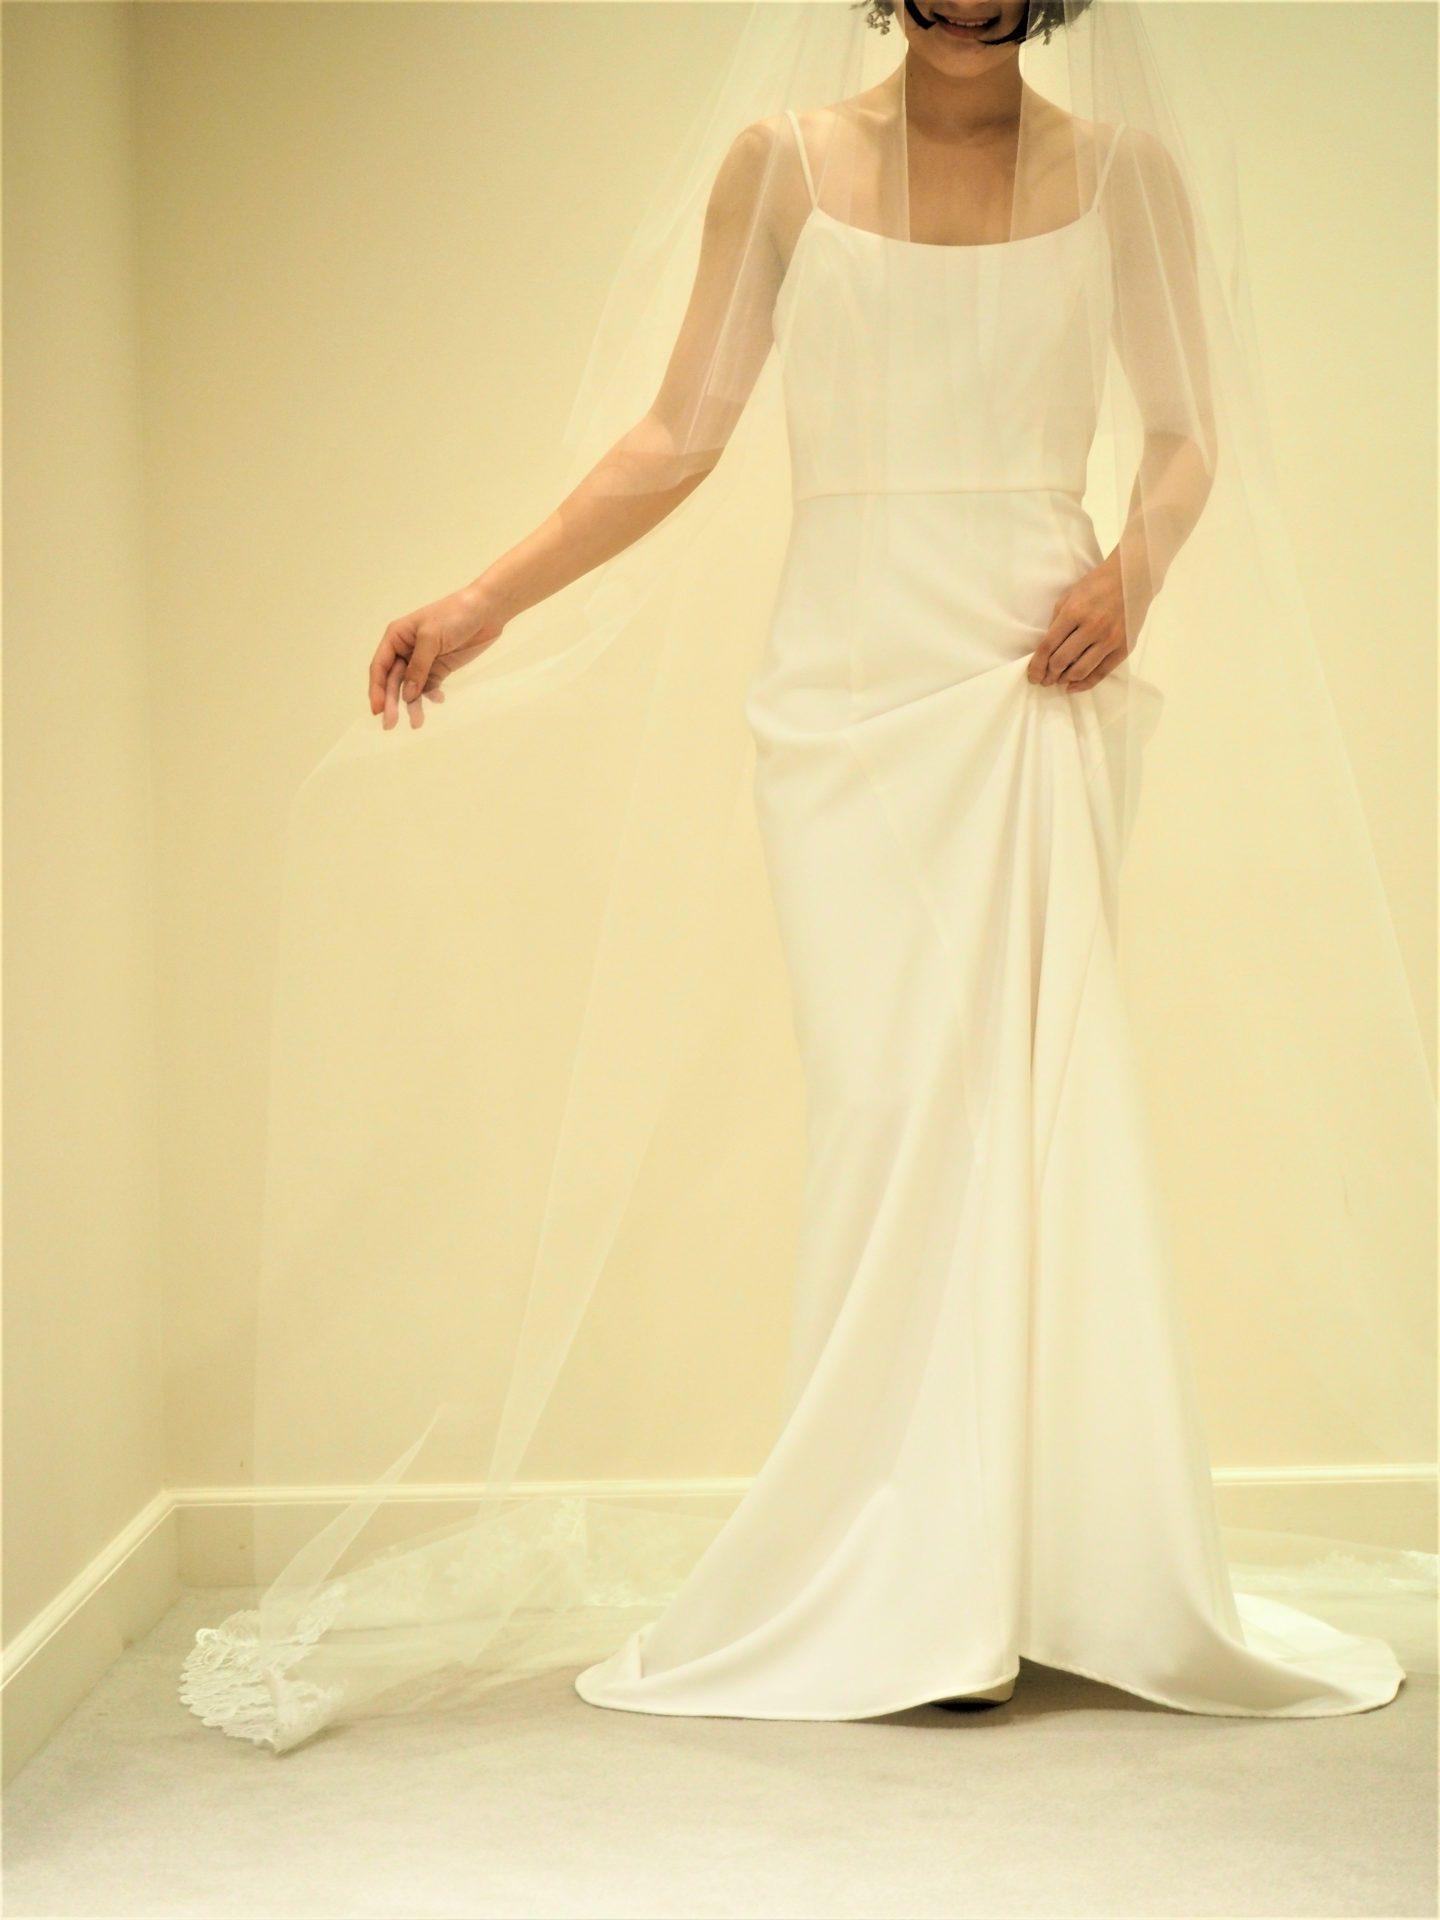 オシャレな花嫁様に人気のトリートドレッシングのアムサーラ新作ドレスに合わせるレースベール